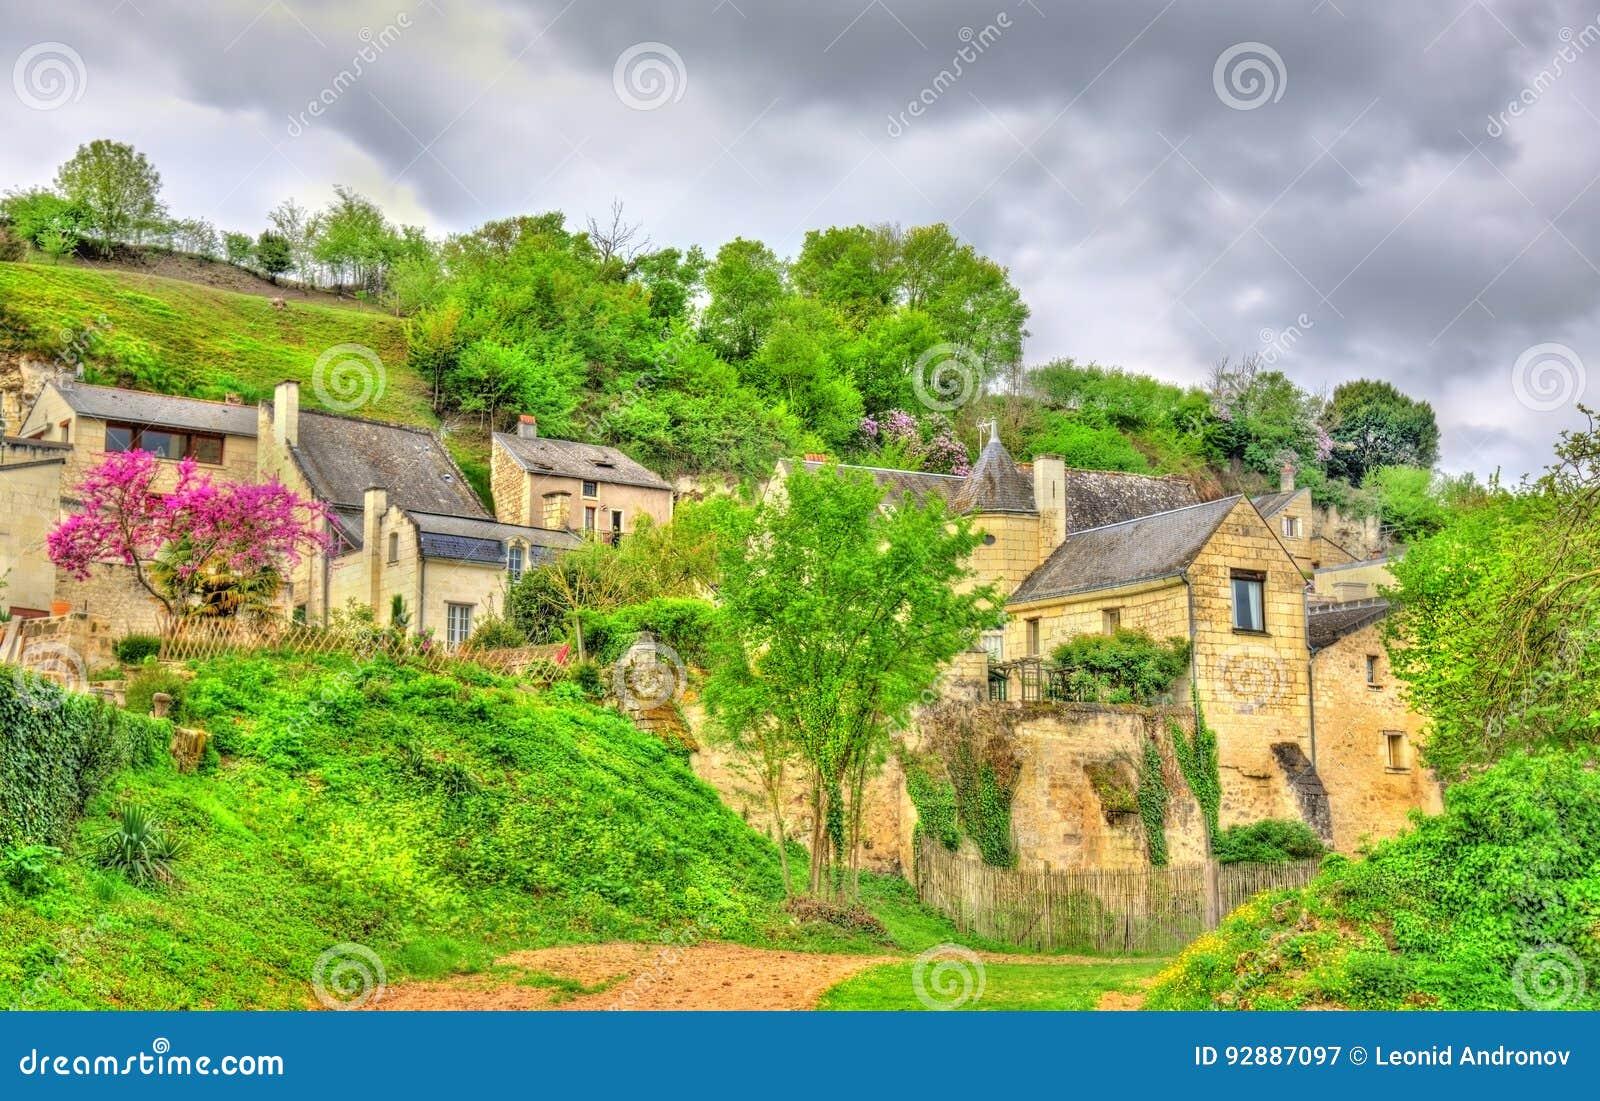 Ландшафт на замке de Montsoreau на банке Луары в Франции